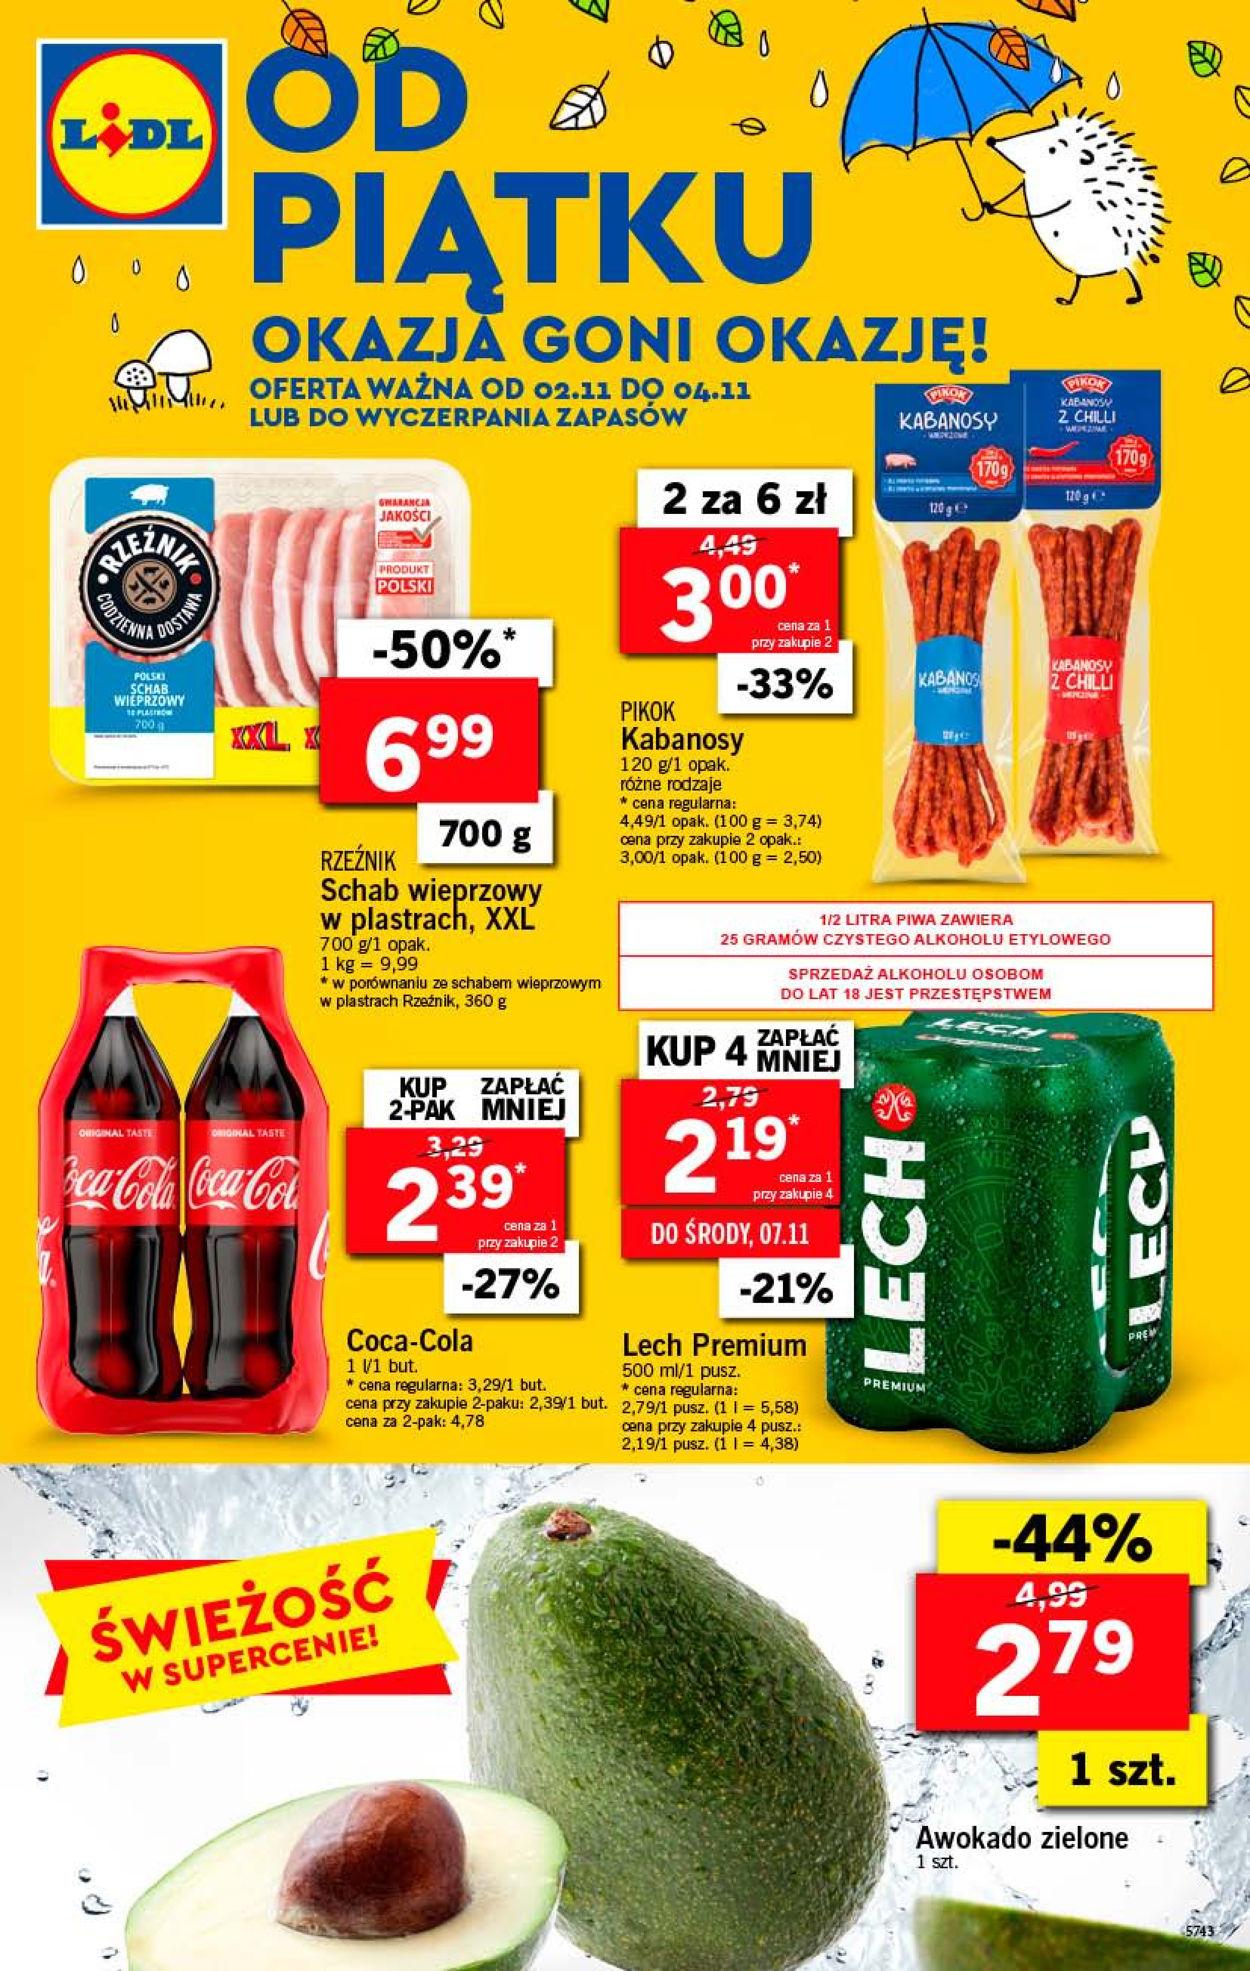 Coca-Cola 1l @Lidl